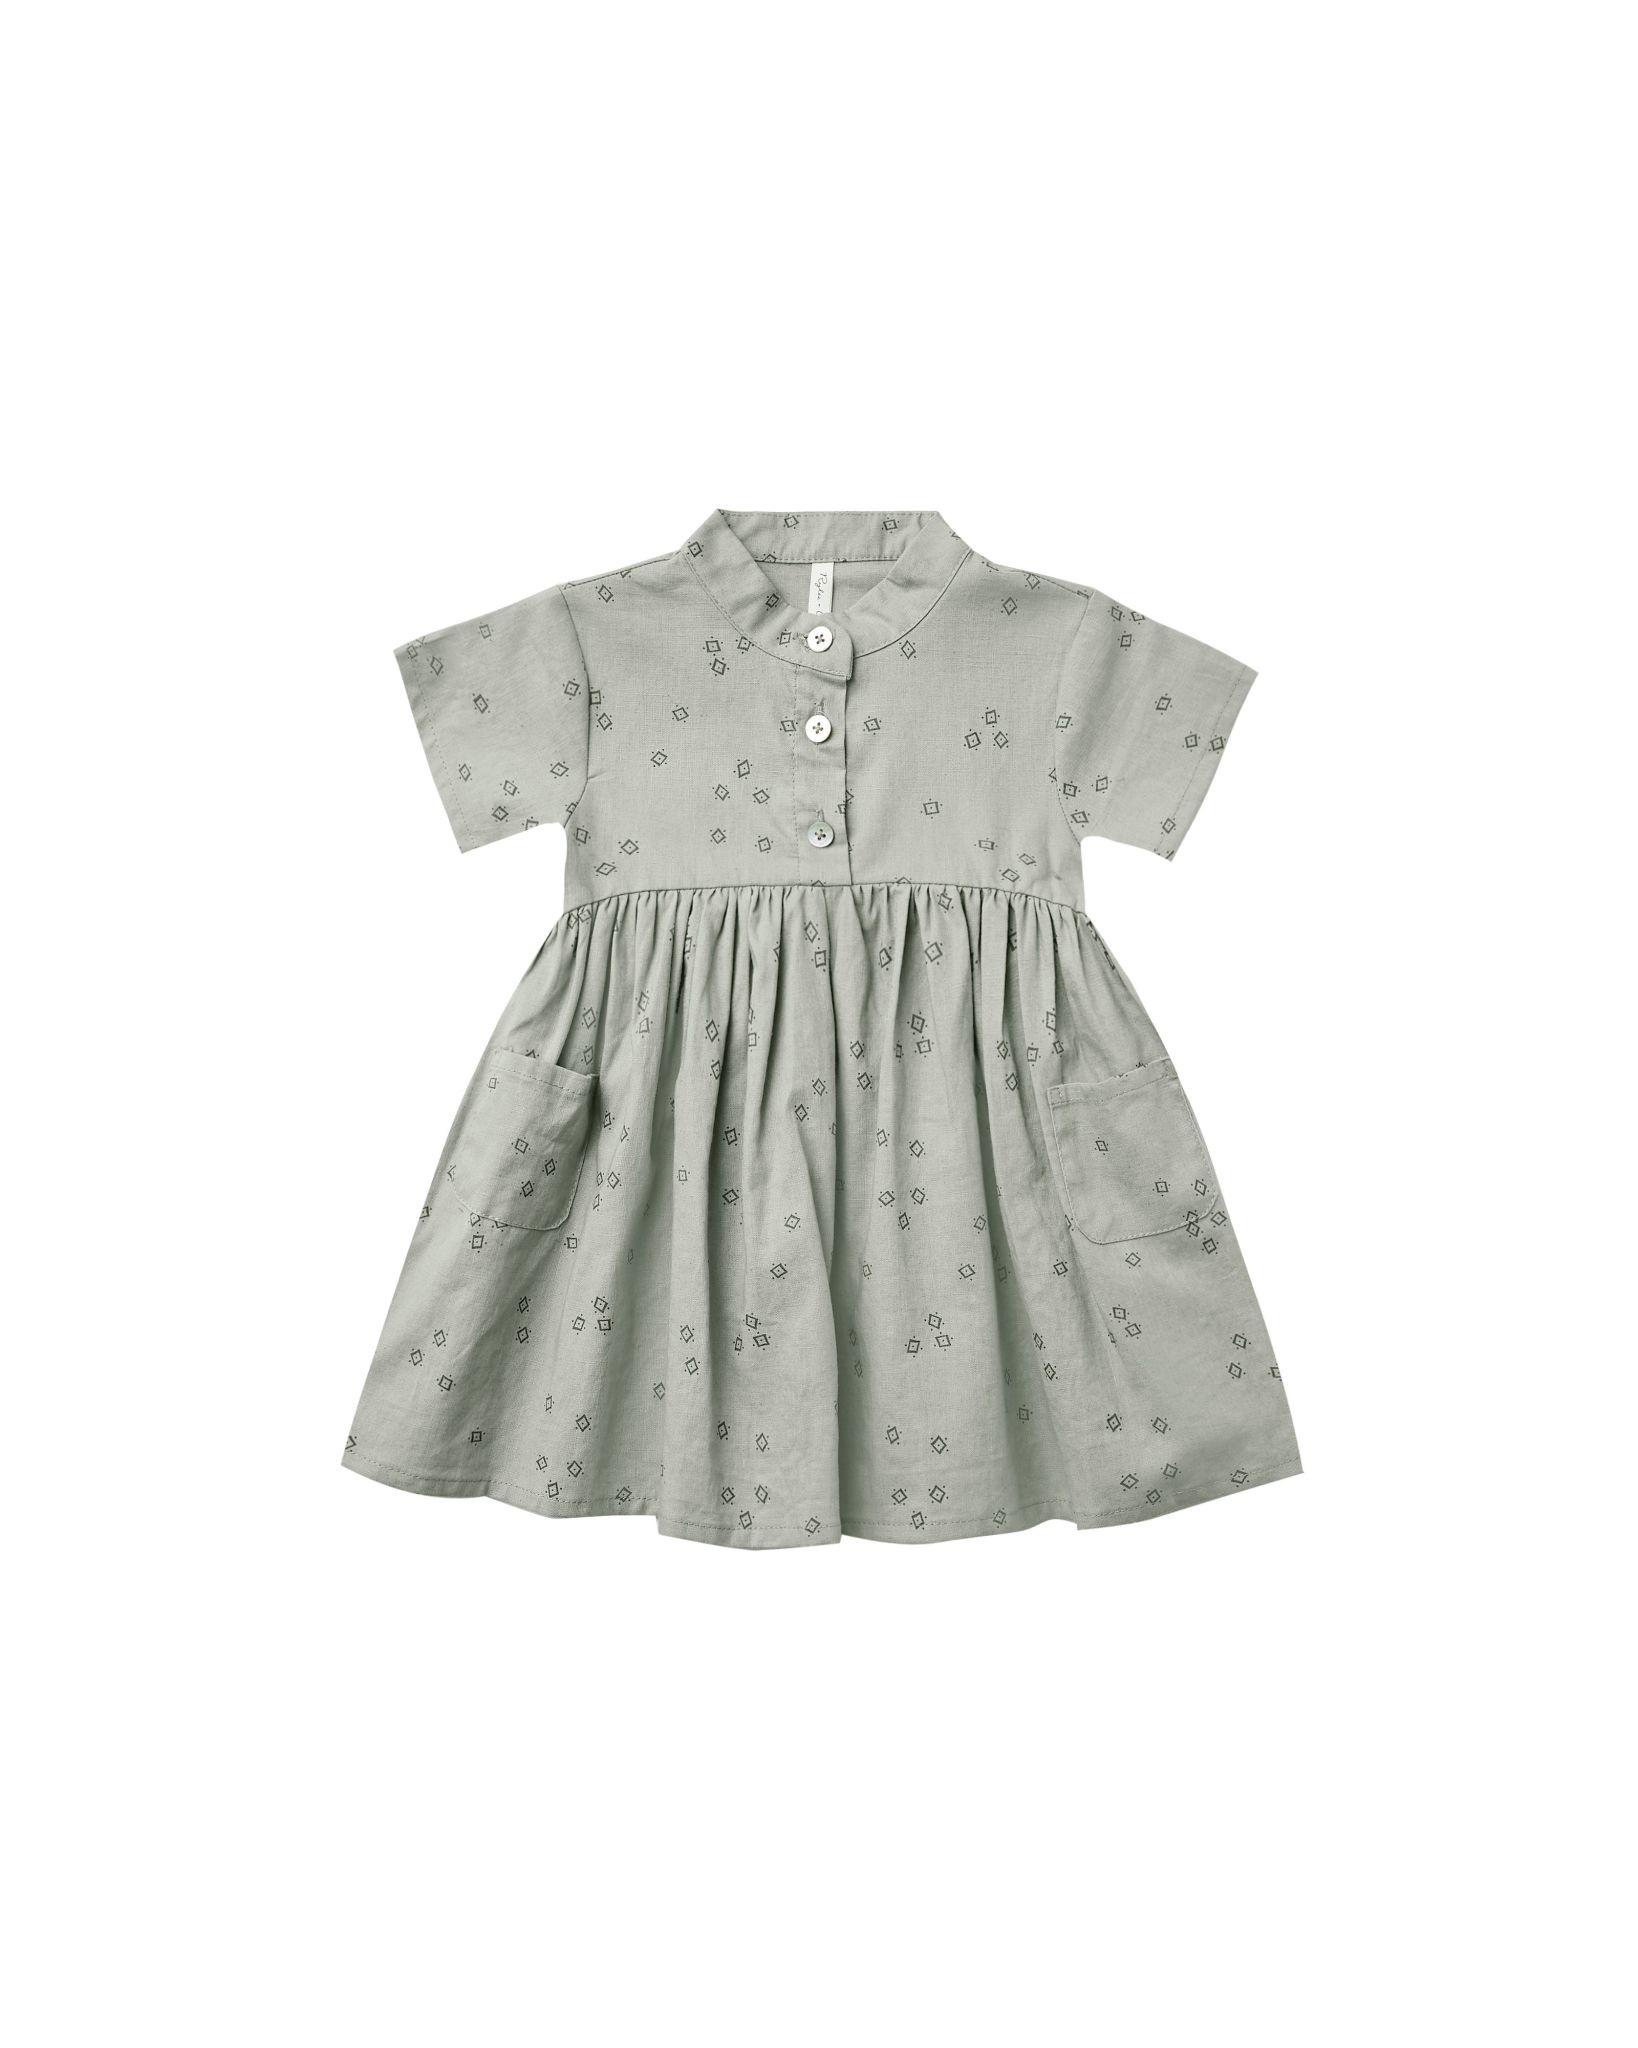 Rylee & Cru Esme Baby Dress - Bandana